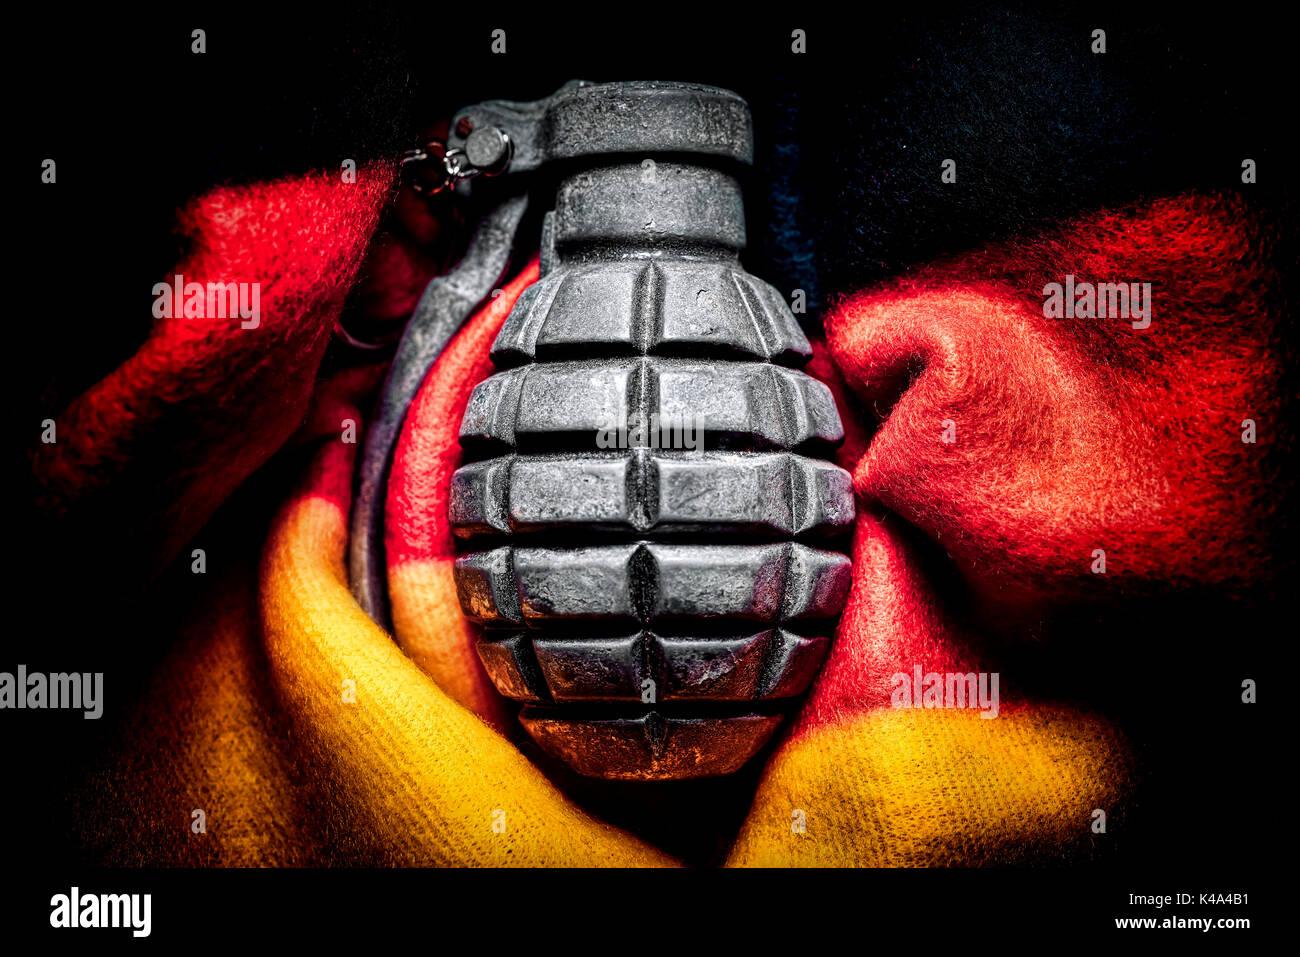 Handgranate Vor der Flagge von Deutschland, Extremismus Bedrohung Stockbild